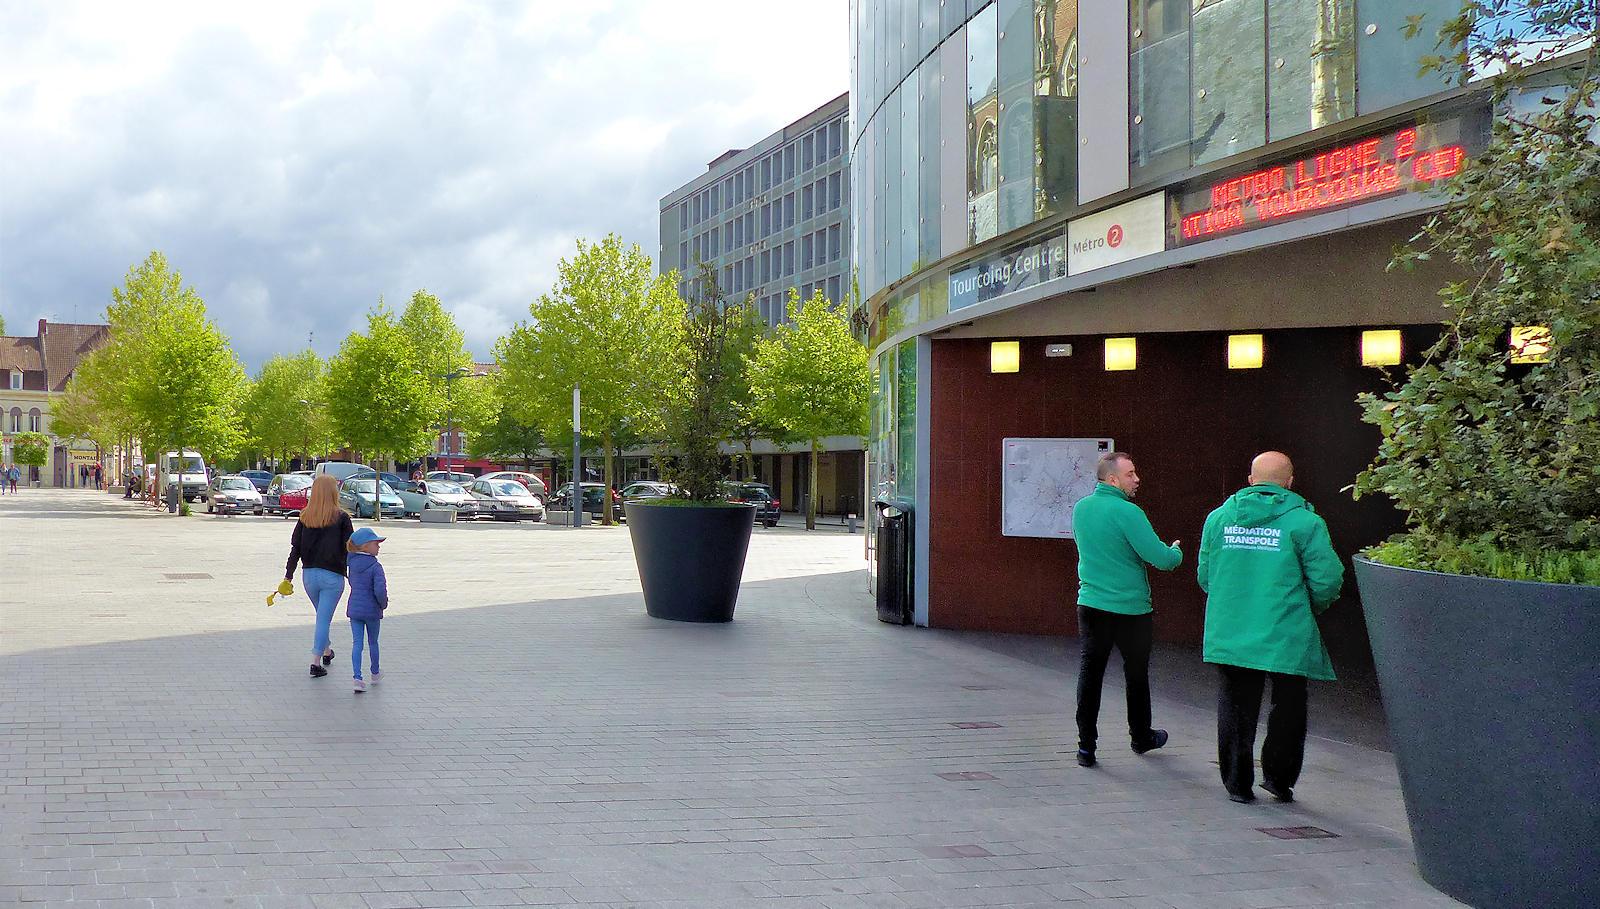 Stationnement place de la Résistance - Métro Tourcoing Centre